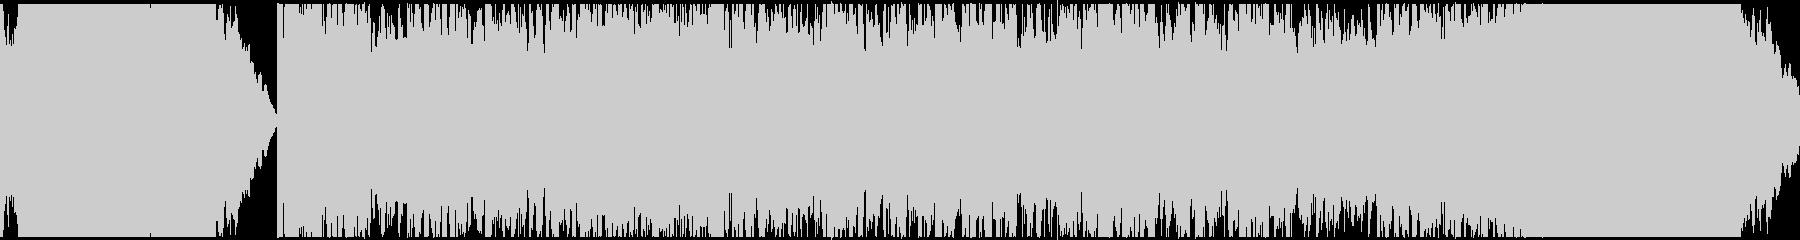 インダストリアルロック系BGMの未再生の波形